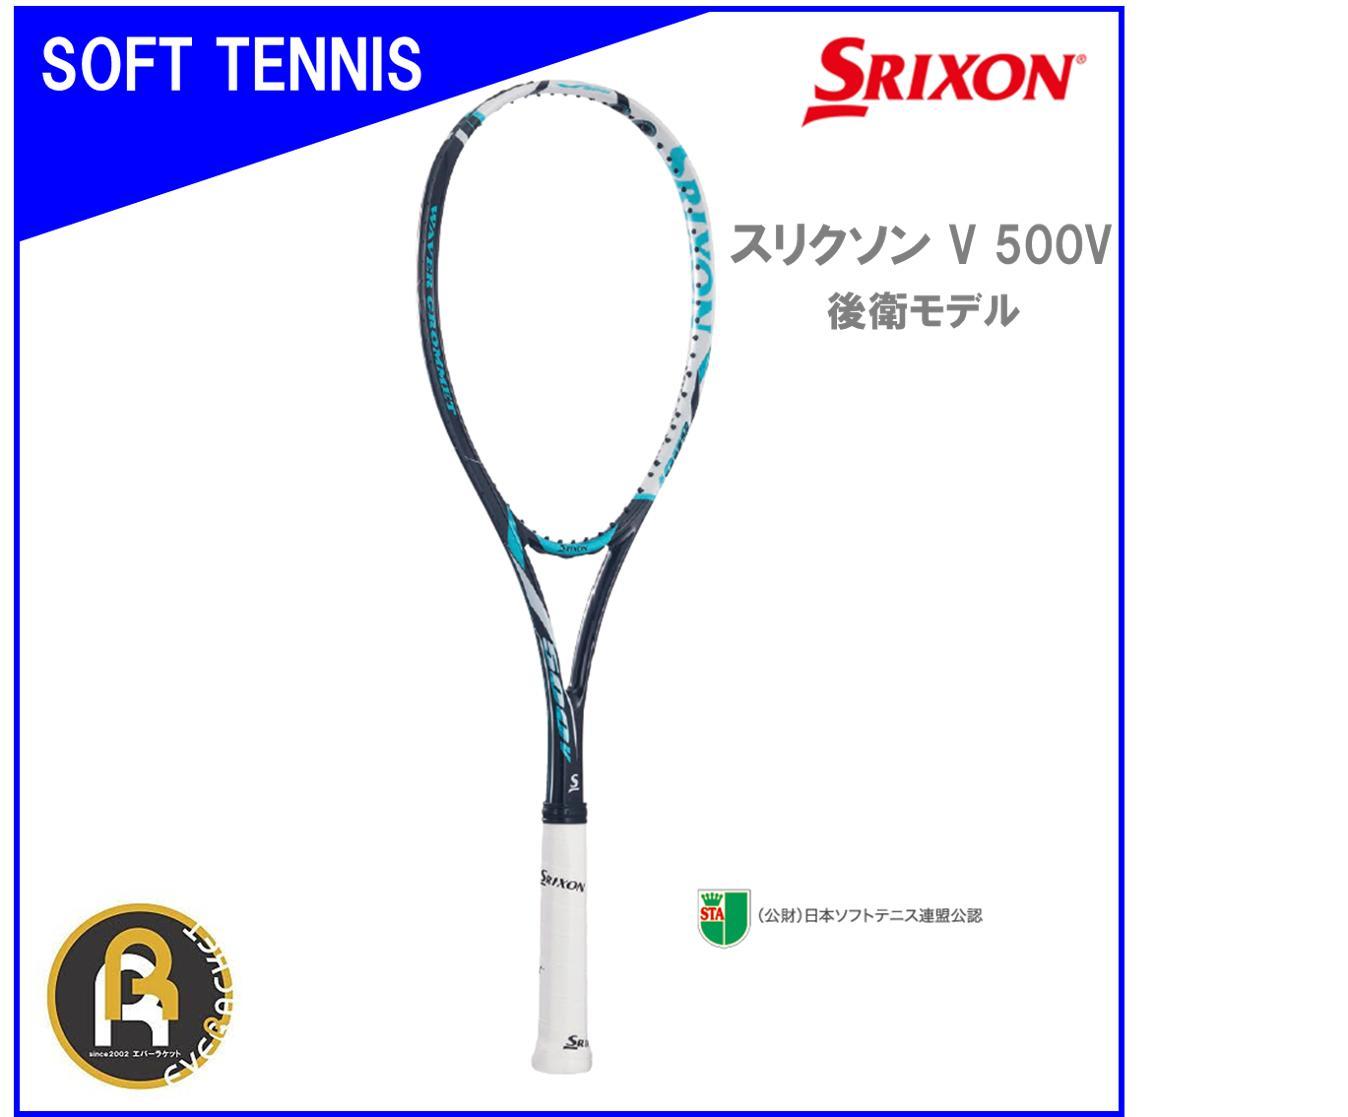 【お買得商品】スリクソン SRIXON ソフトテニス ラケット ソフトテニスラケット ガット代 張り代 無料 スリクソンV500V SRIXONV500V 前衛モデル